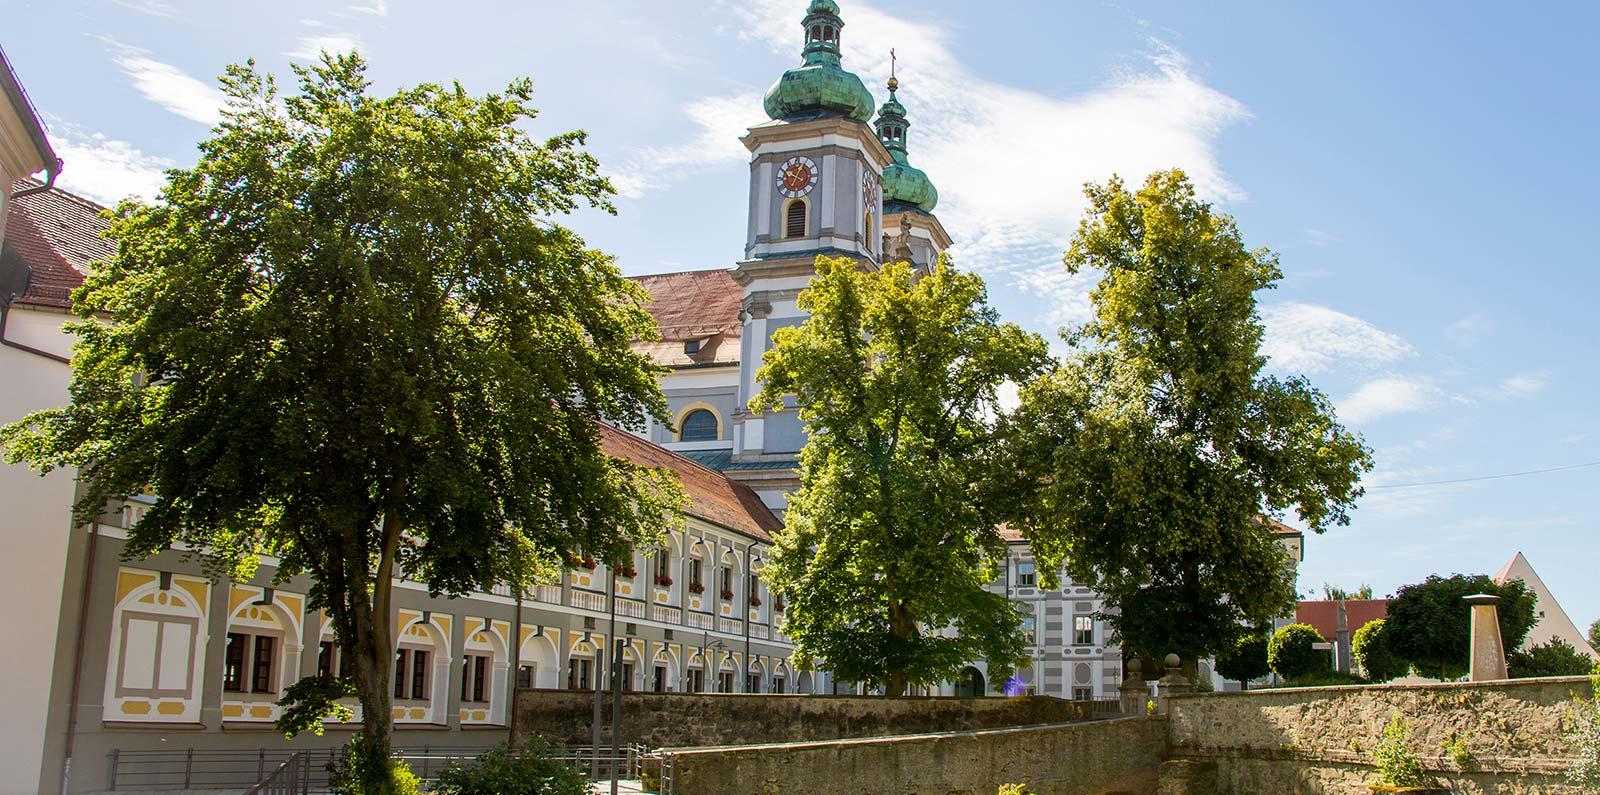 Basilika Kultur und Begegnungszentrum Abtei Waldsassen